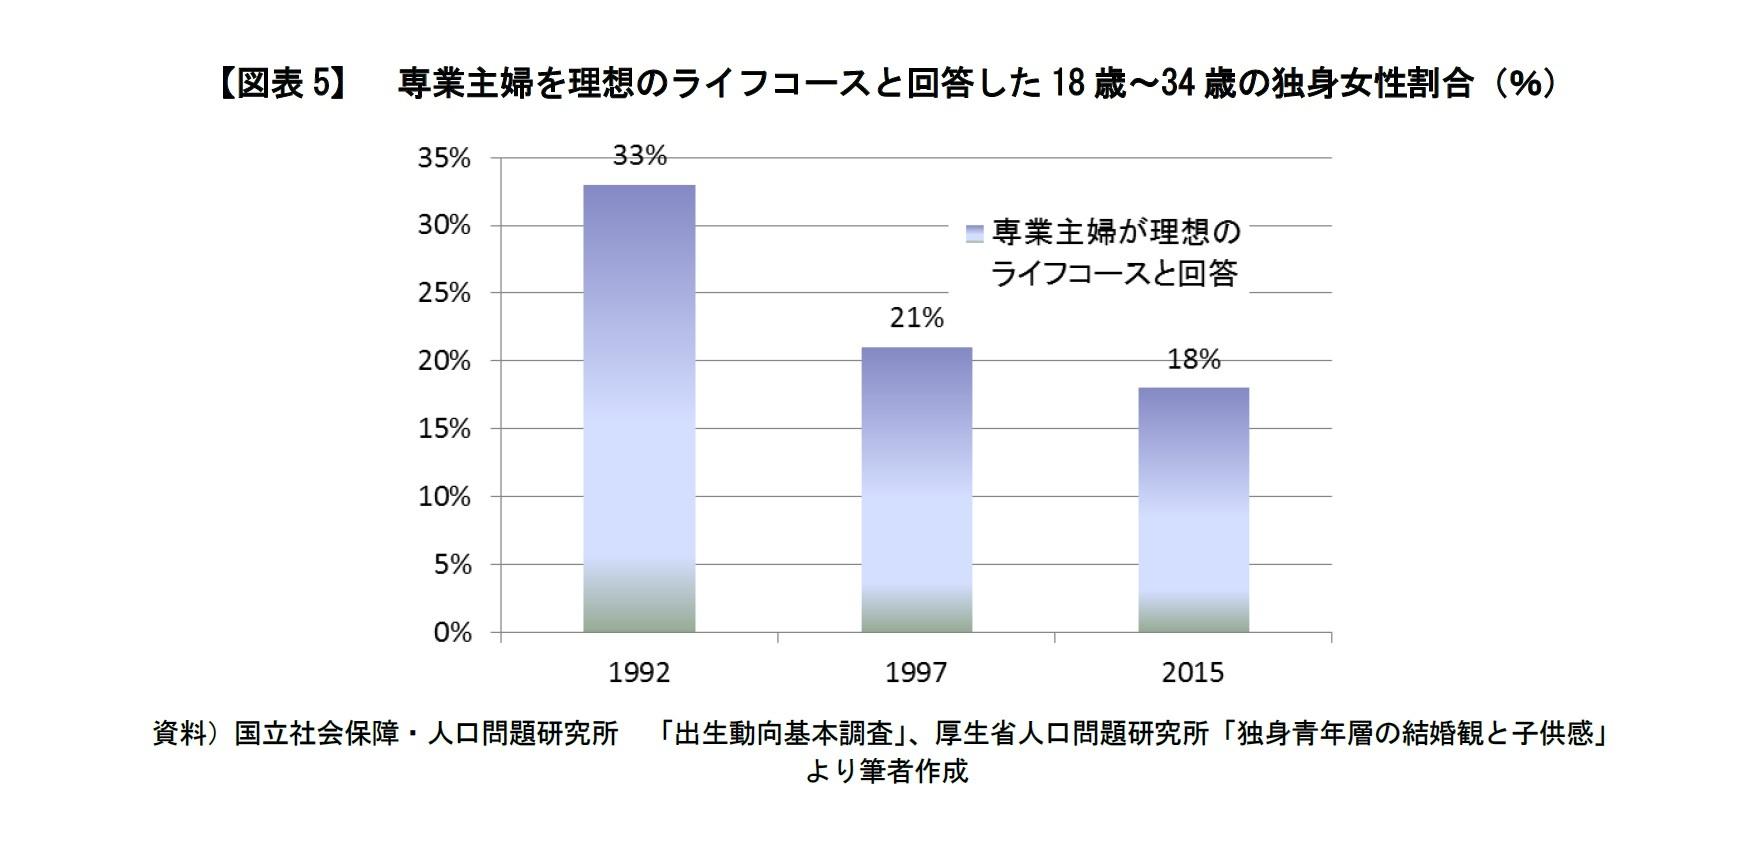 【図表5】 専業主婦を理想のライフコースと回答した18歳~34歳の独身女性割合(%)